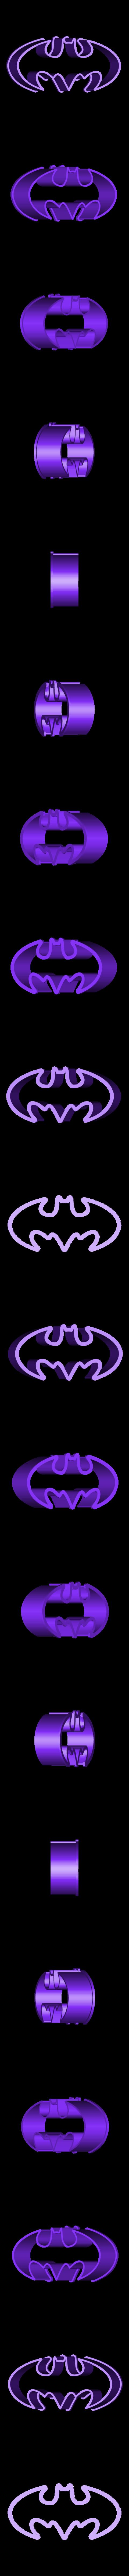 batman.stl Télécharger fichier STL Emporte-pièces DC super héros • Design imprimable en 3D, 3D-mon